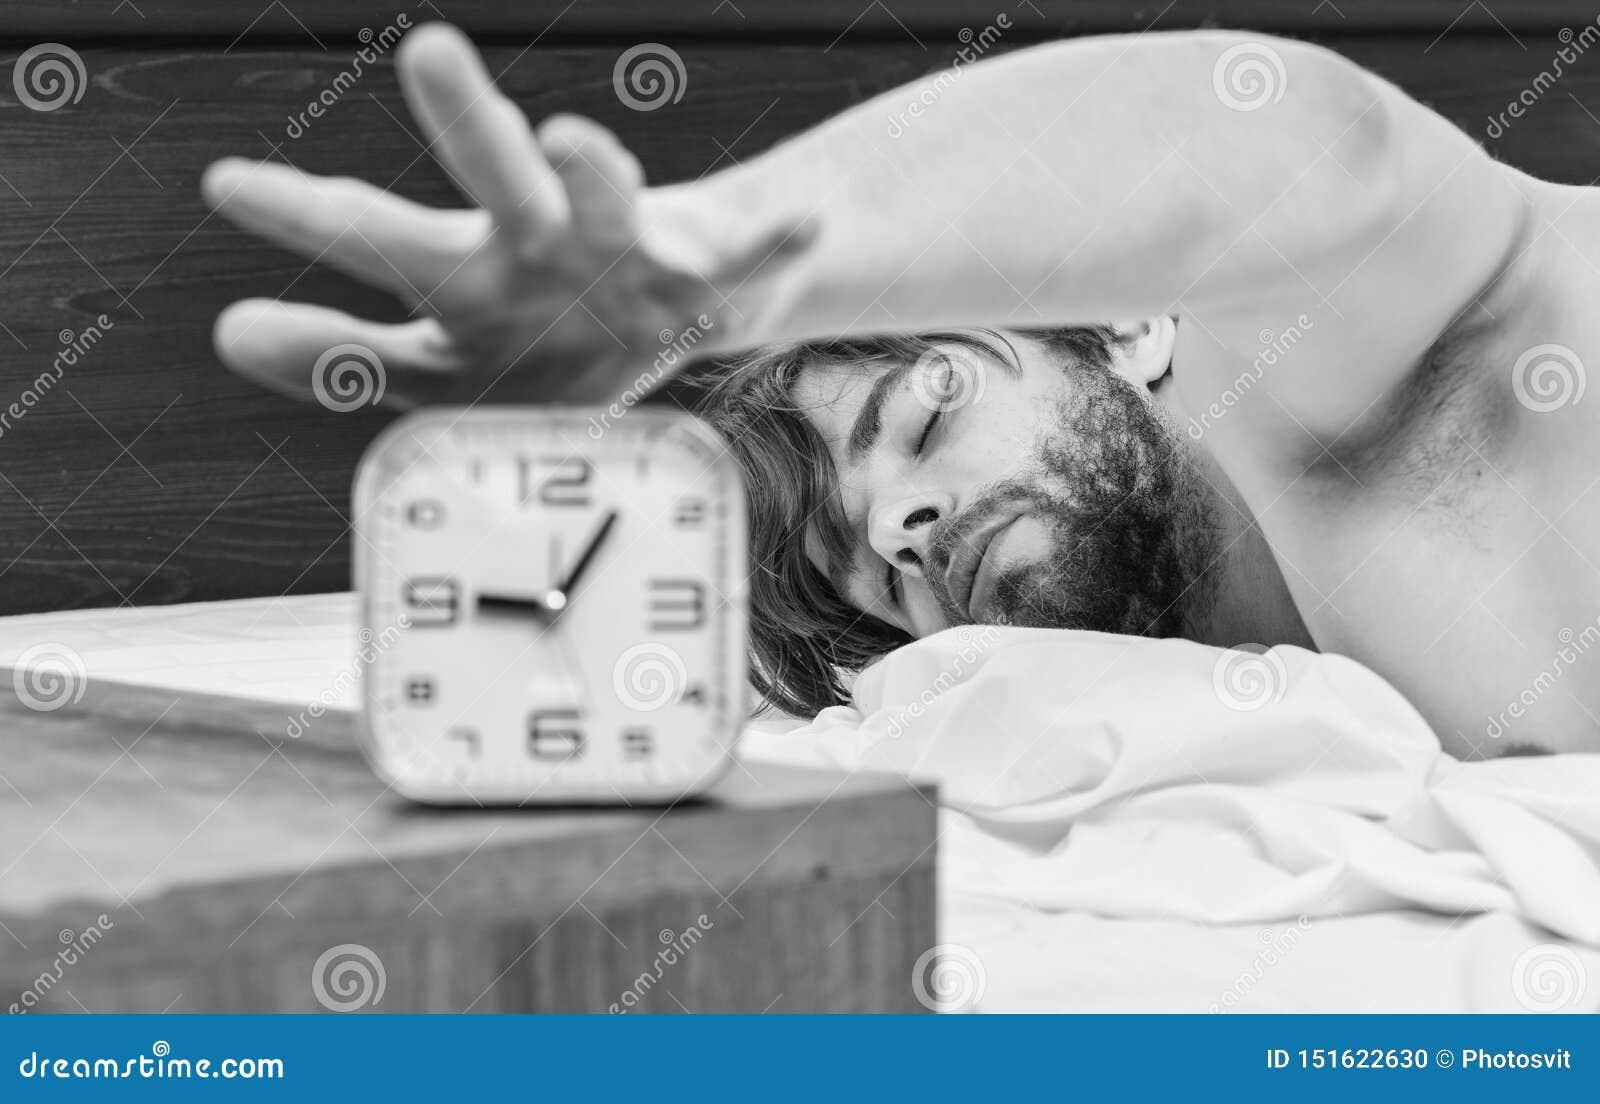 Ένας νεαρός άνδρας που ξυπνά στο κρεβάτι και που τεντώνει τα όπλα του E Ξυπνήστε άτομα πρωινού